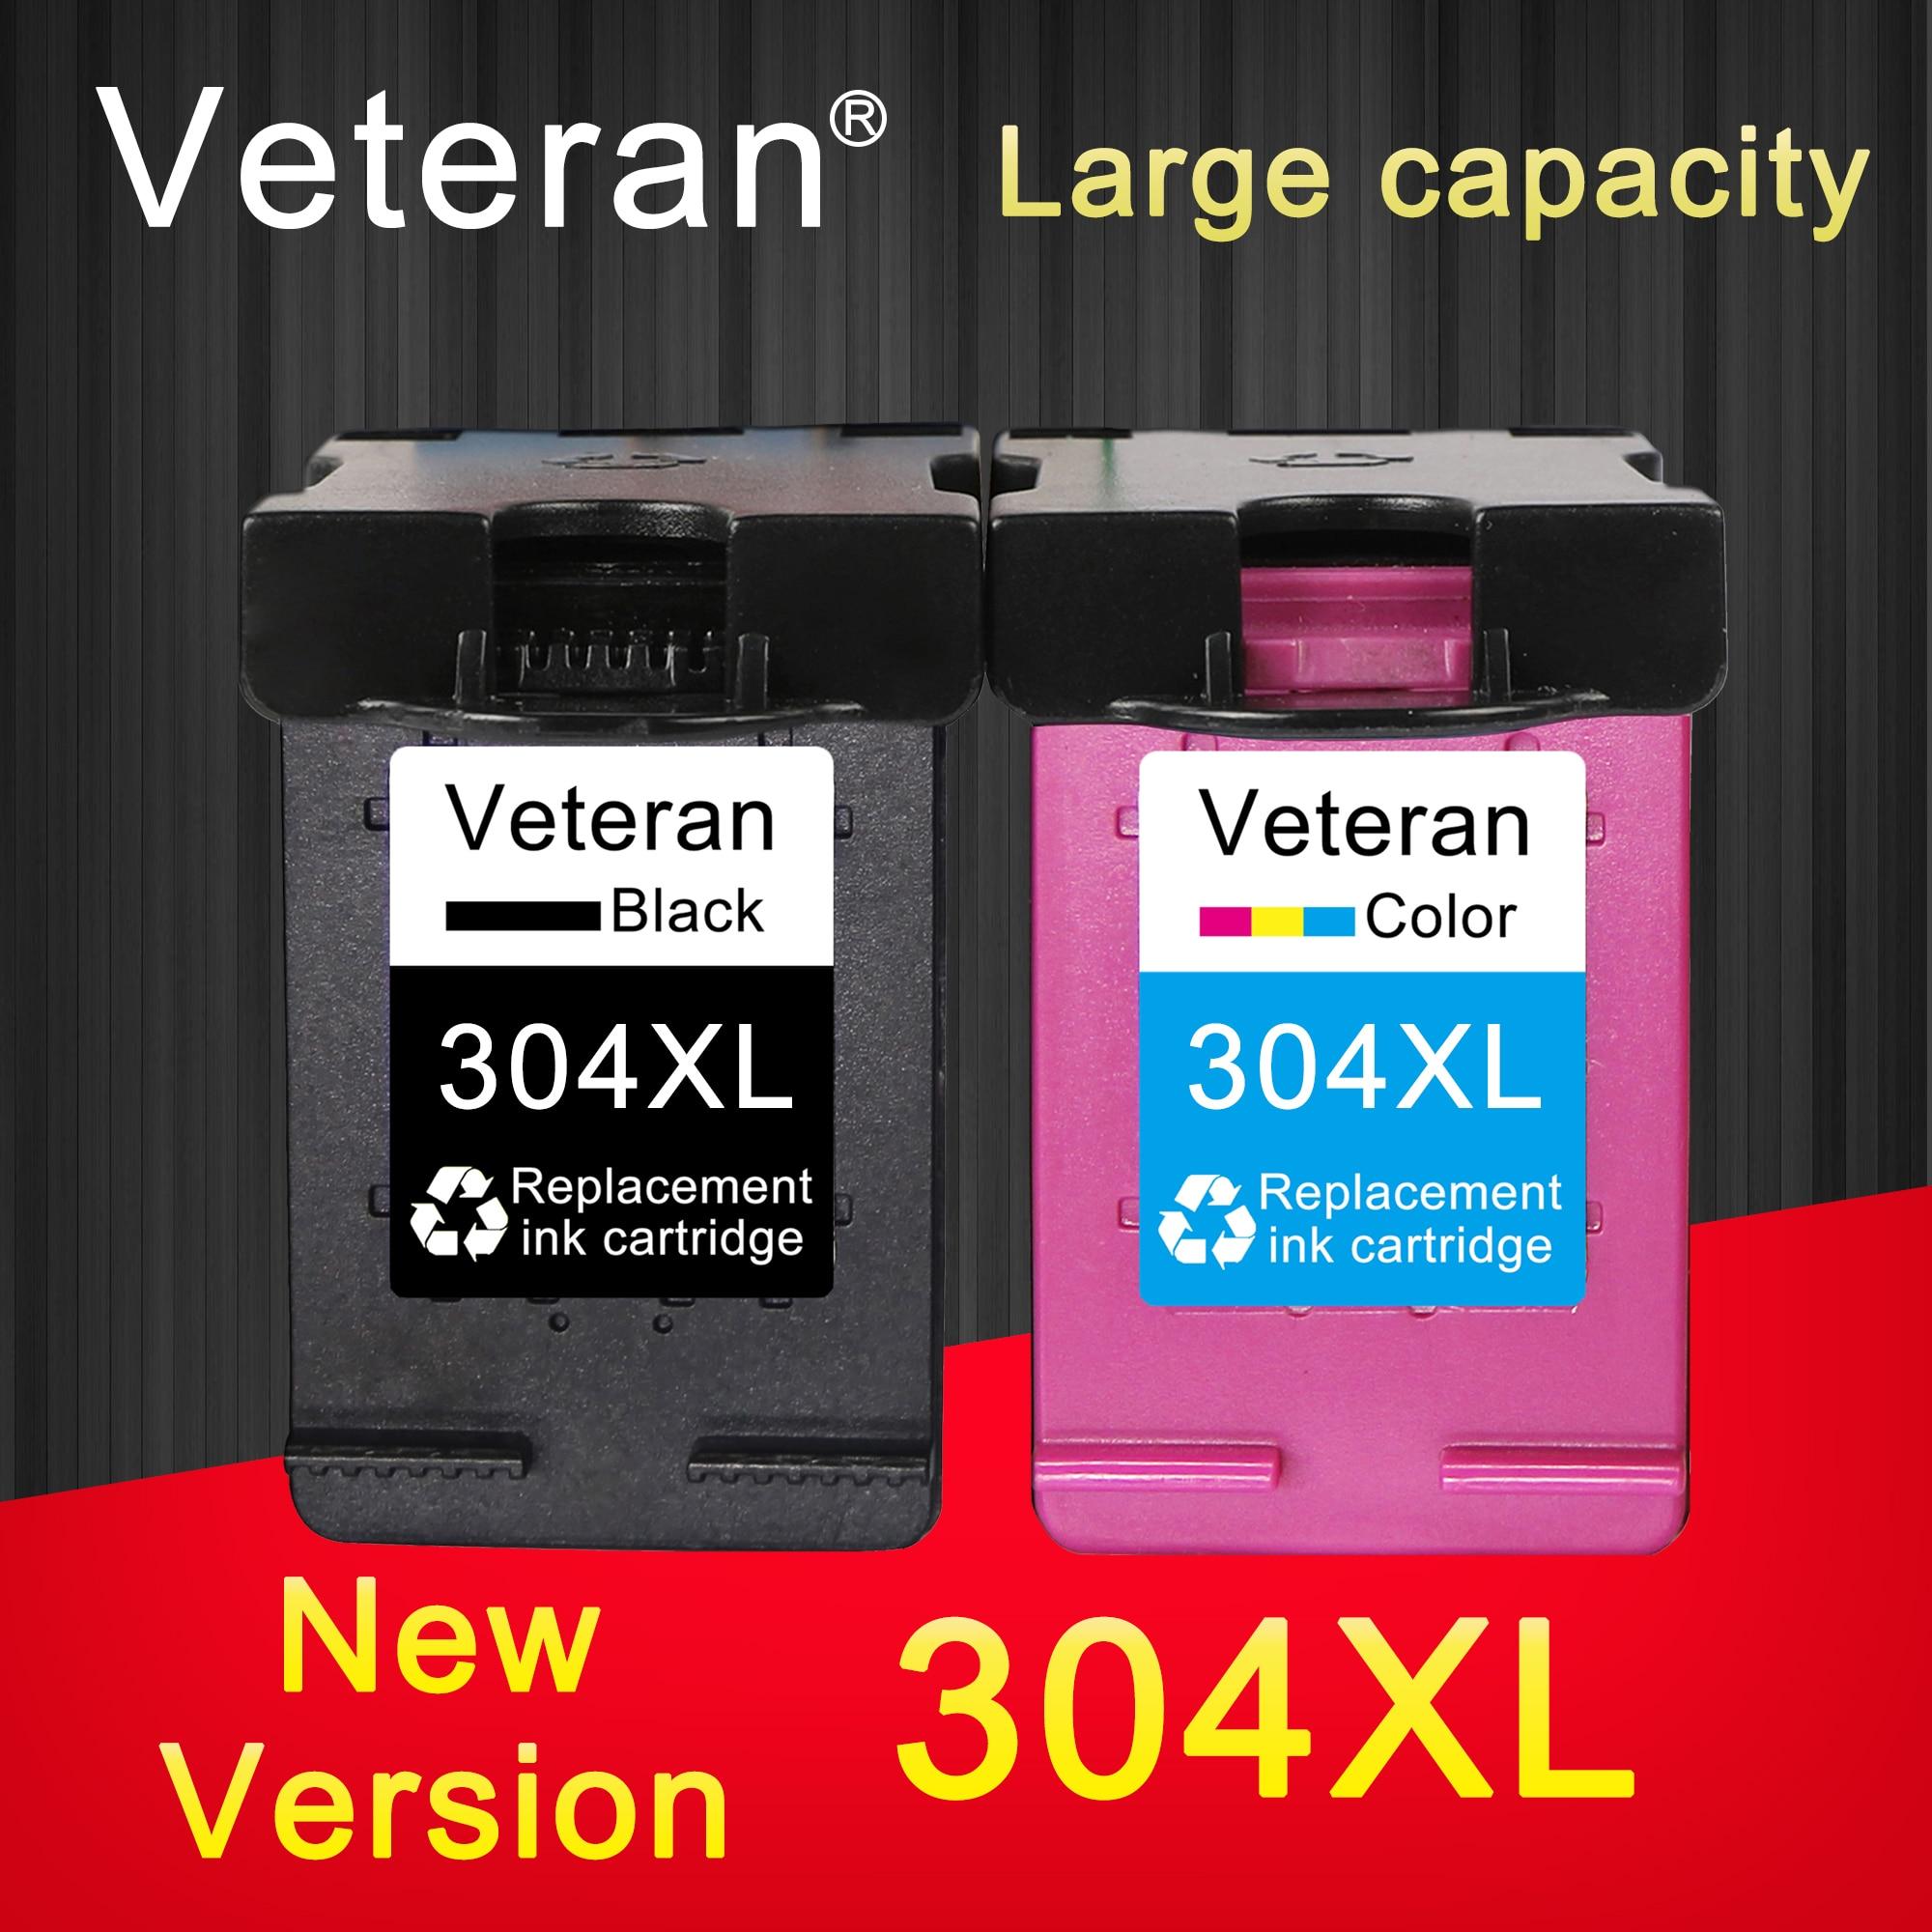 Чернильный картридж Veteran 304XL, новая версия для принтера hp 304 hp 304 xl deskjet envy 2620 2630 2632 5030 5020 5032 3720 3730 5010